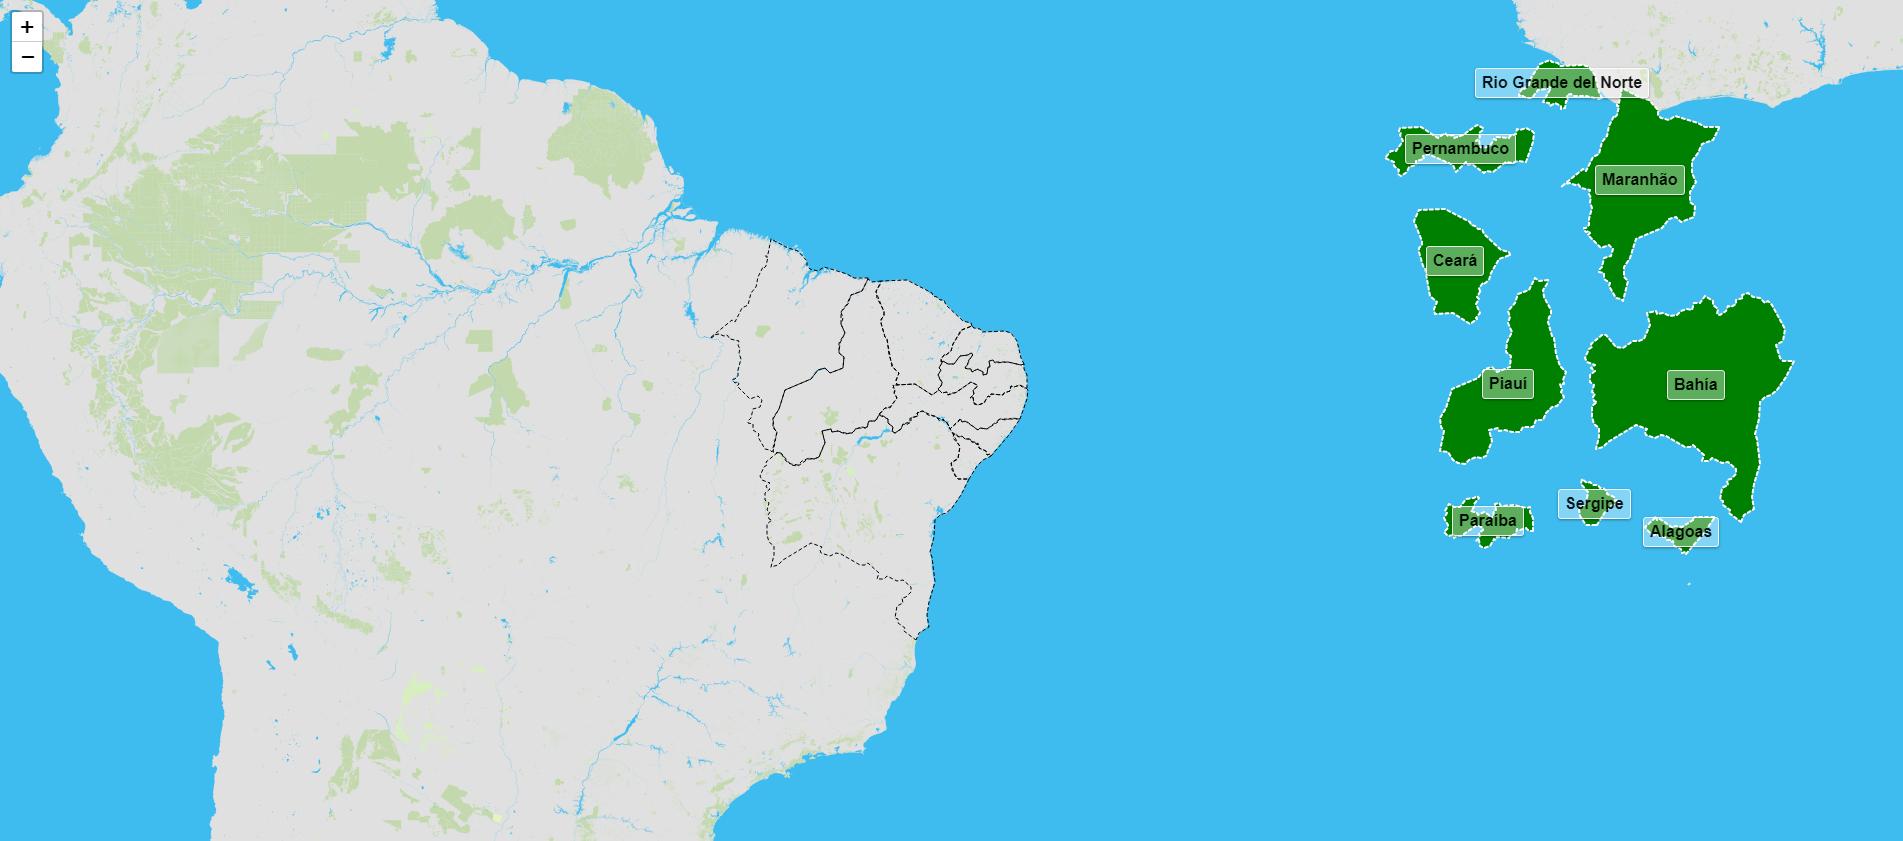 Estados da rexión nordeste de Brasil